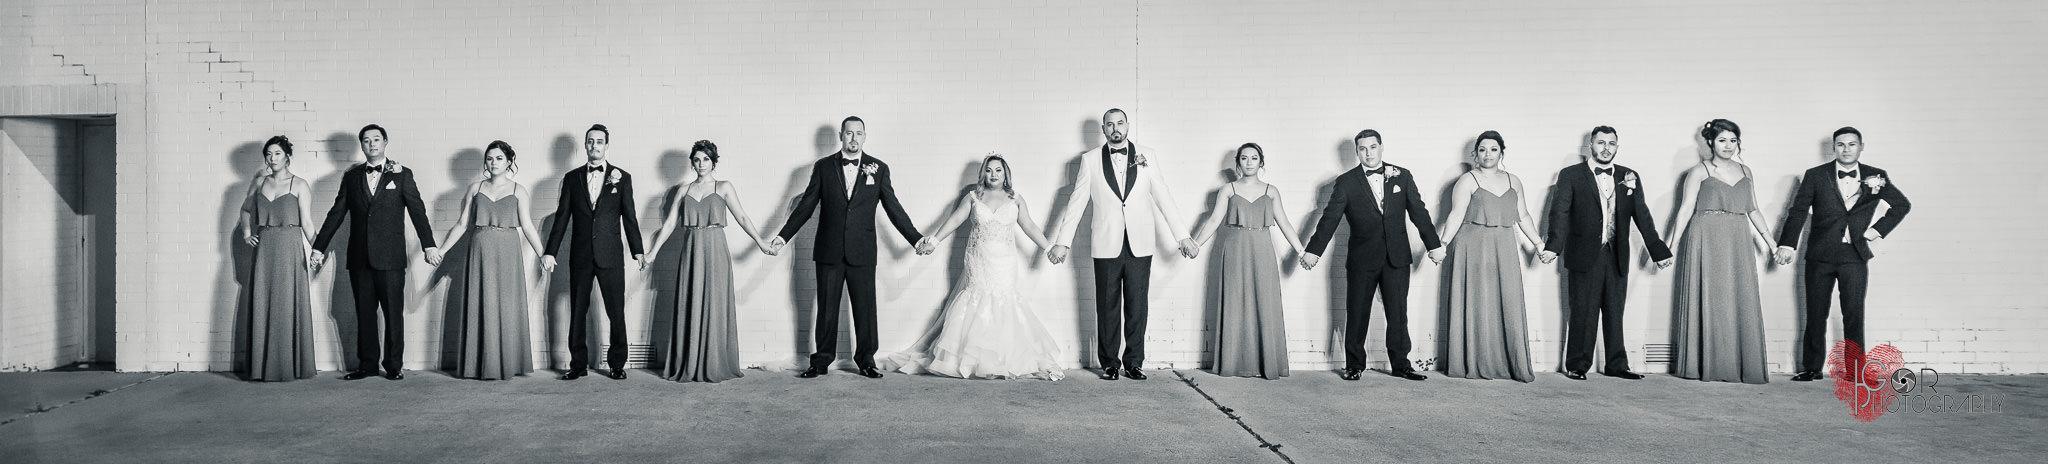 Modern wedding photography in Dallas